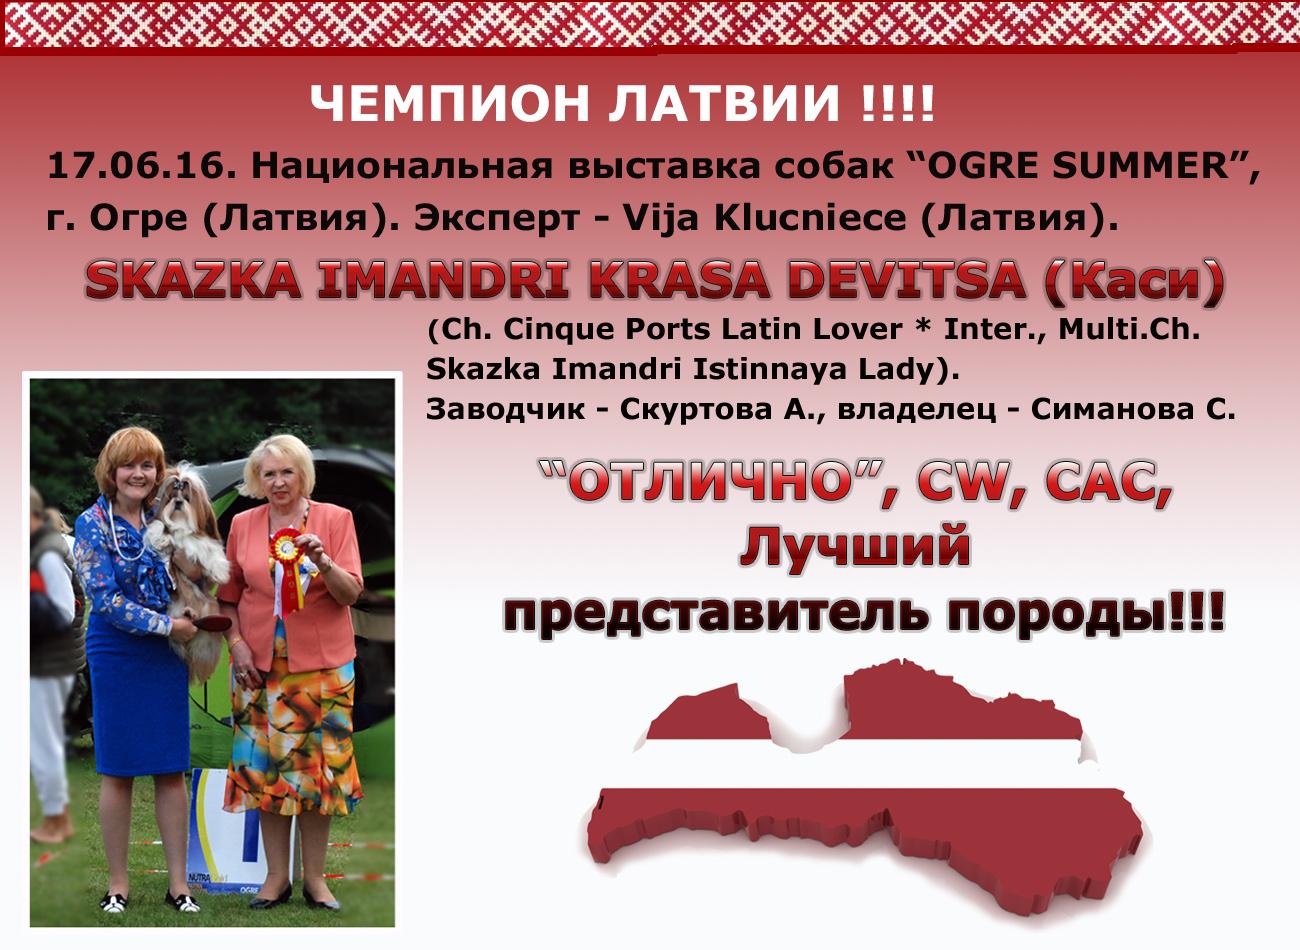 Skazka Imandri Krasa Devitsa - Чемпион Латвии!